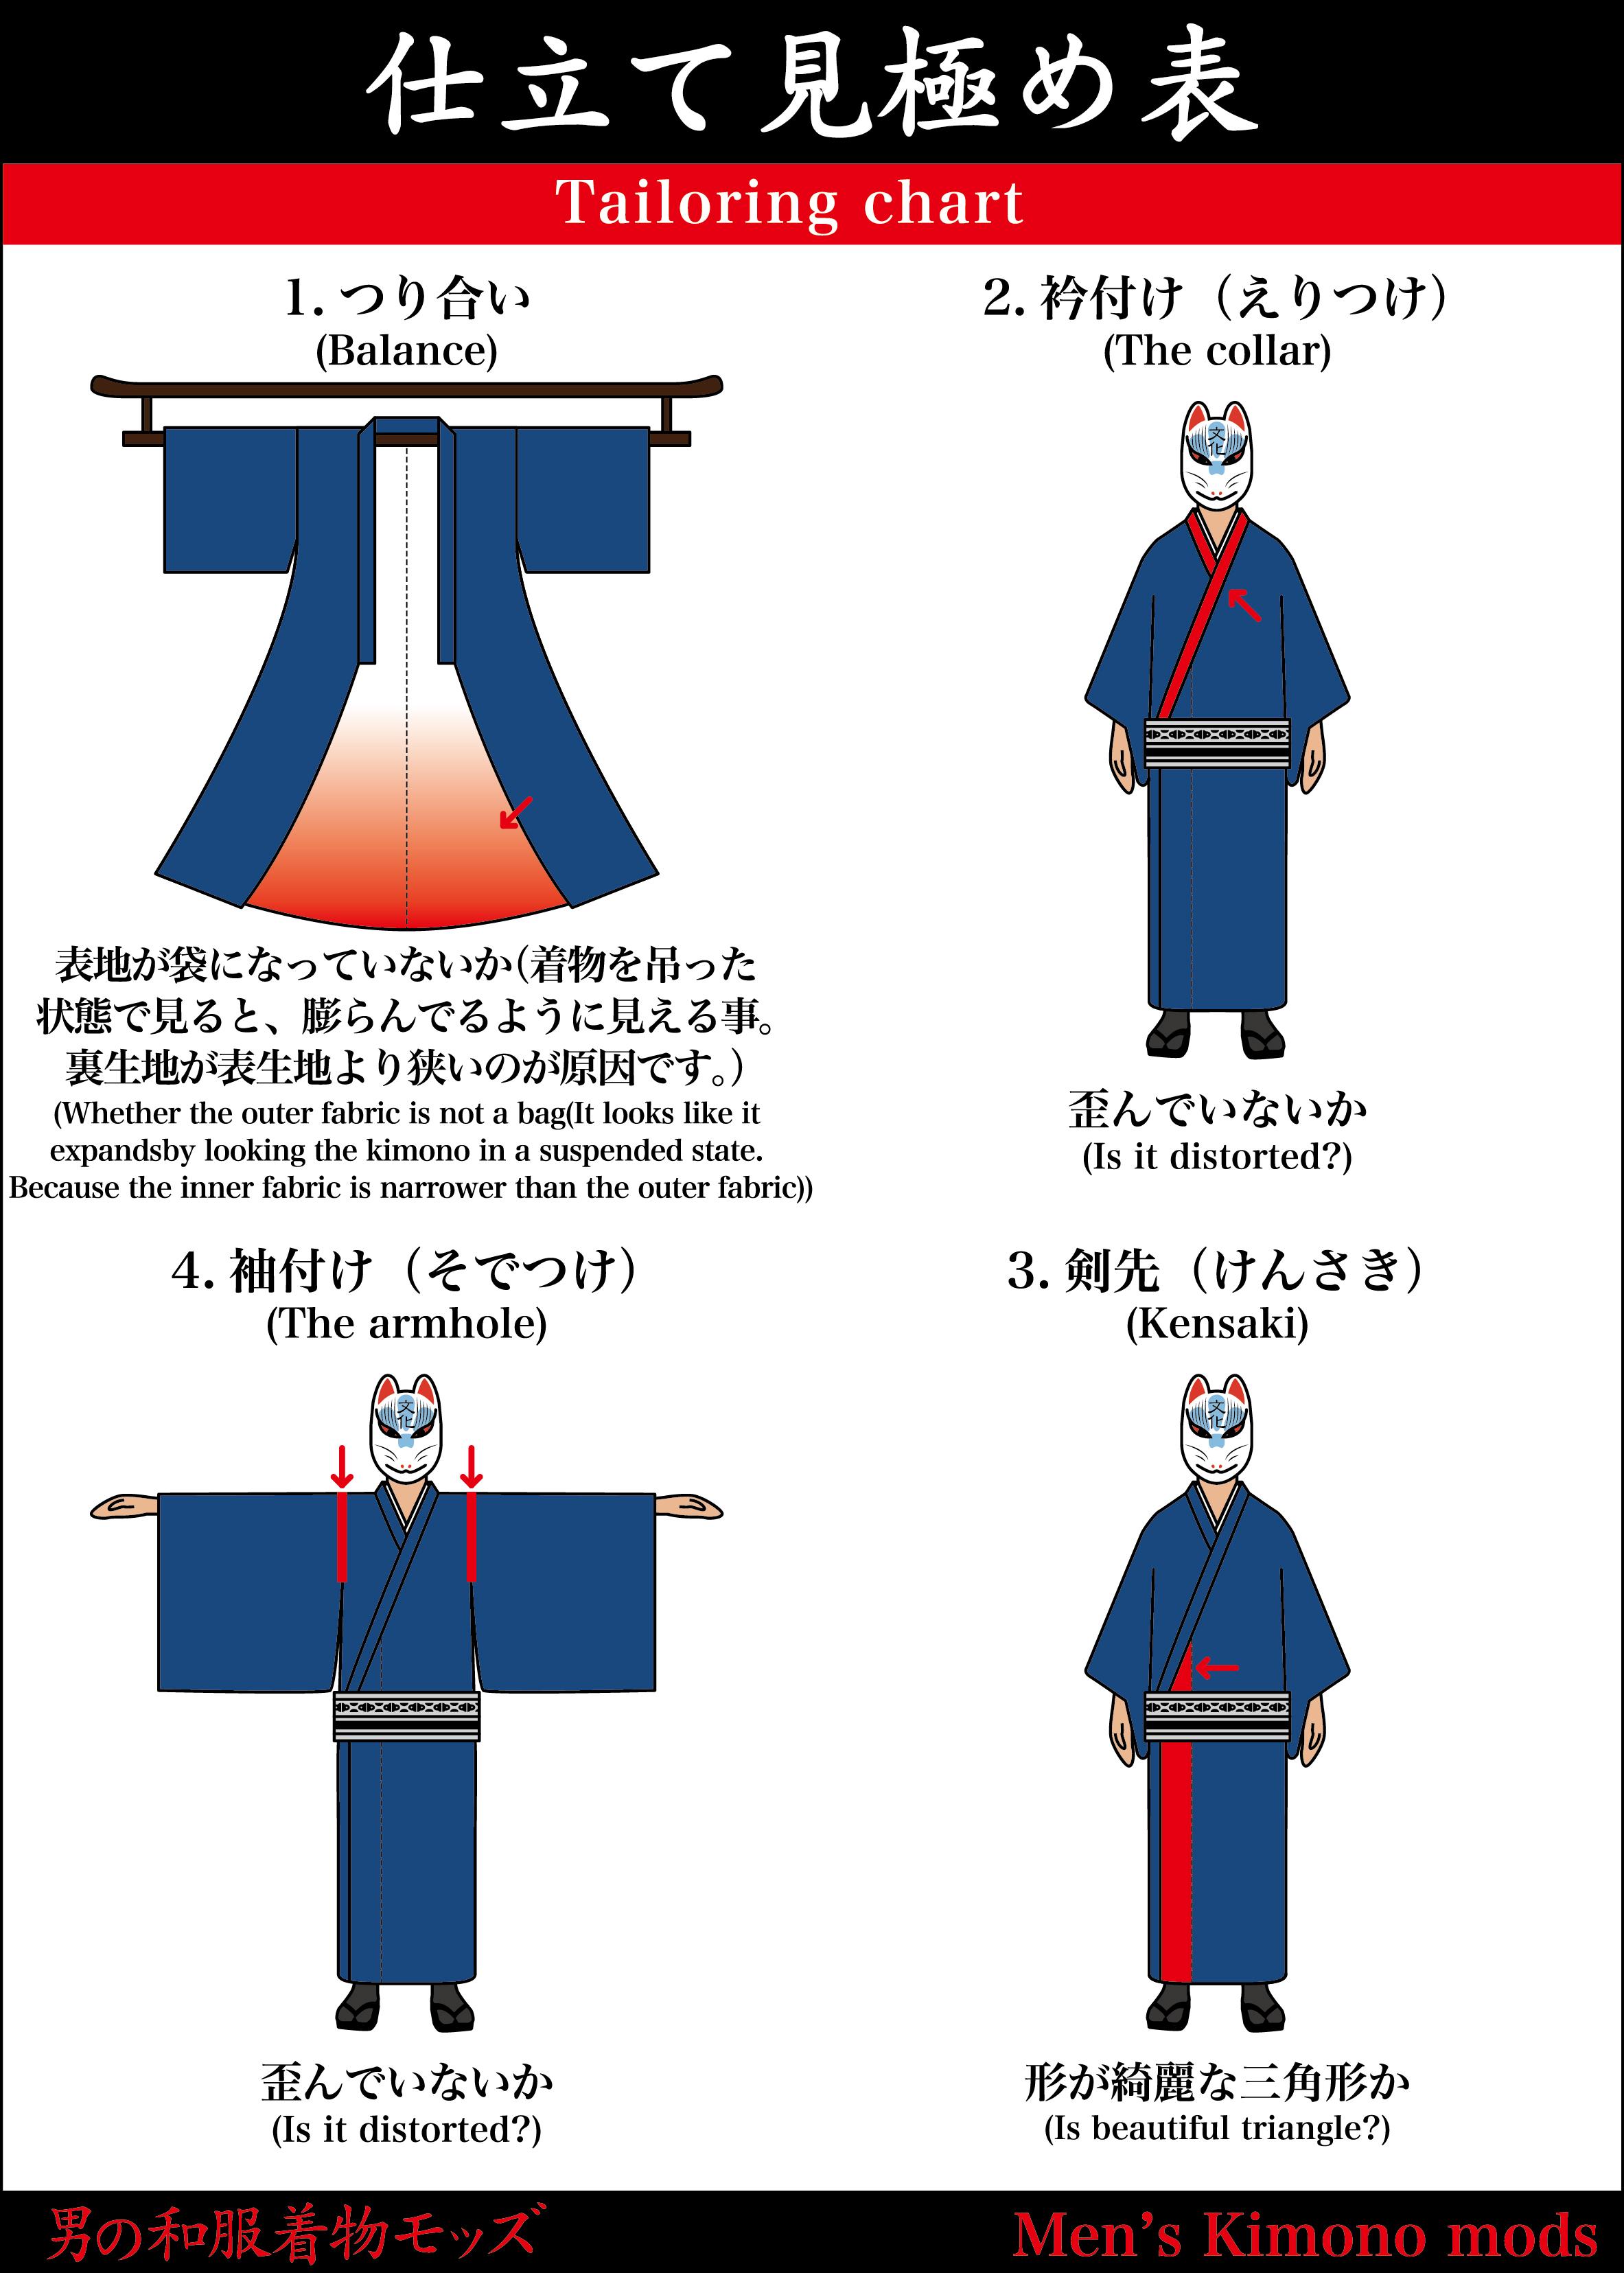 男の和服着物,メンズ着物,仕立て見極め,袋,和装,種類,狐面,日本,裏着物